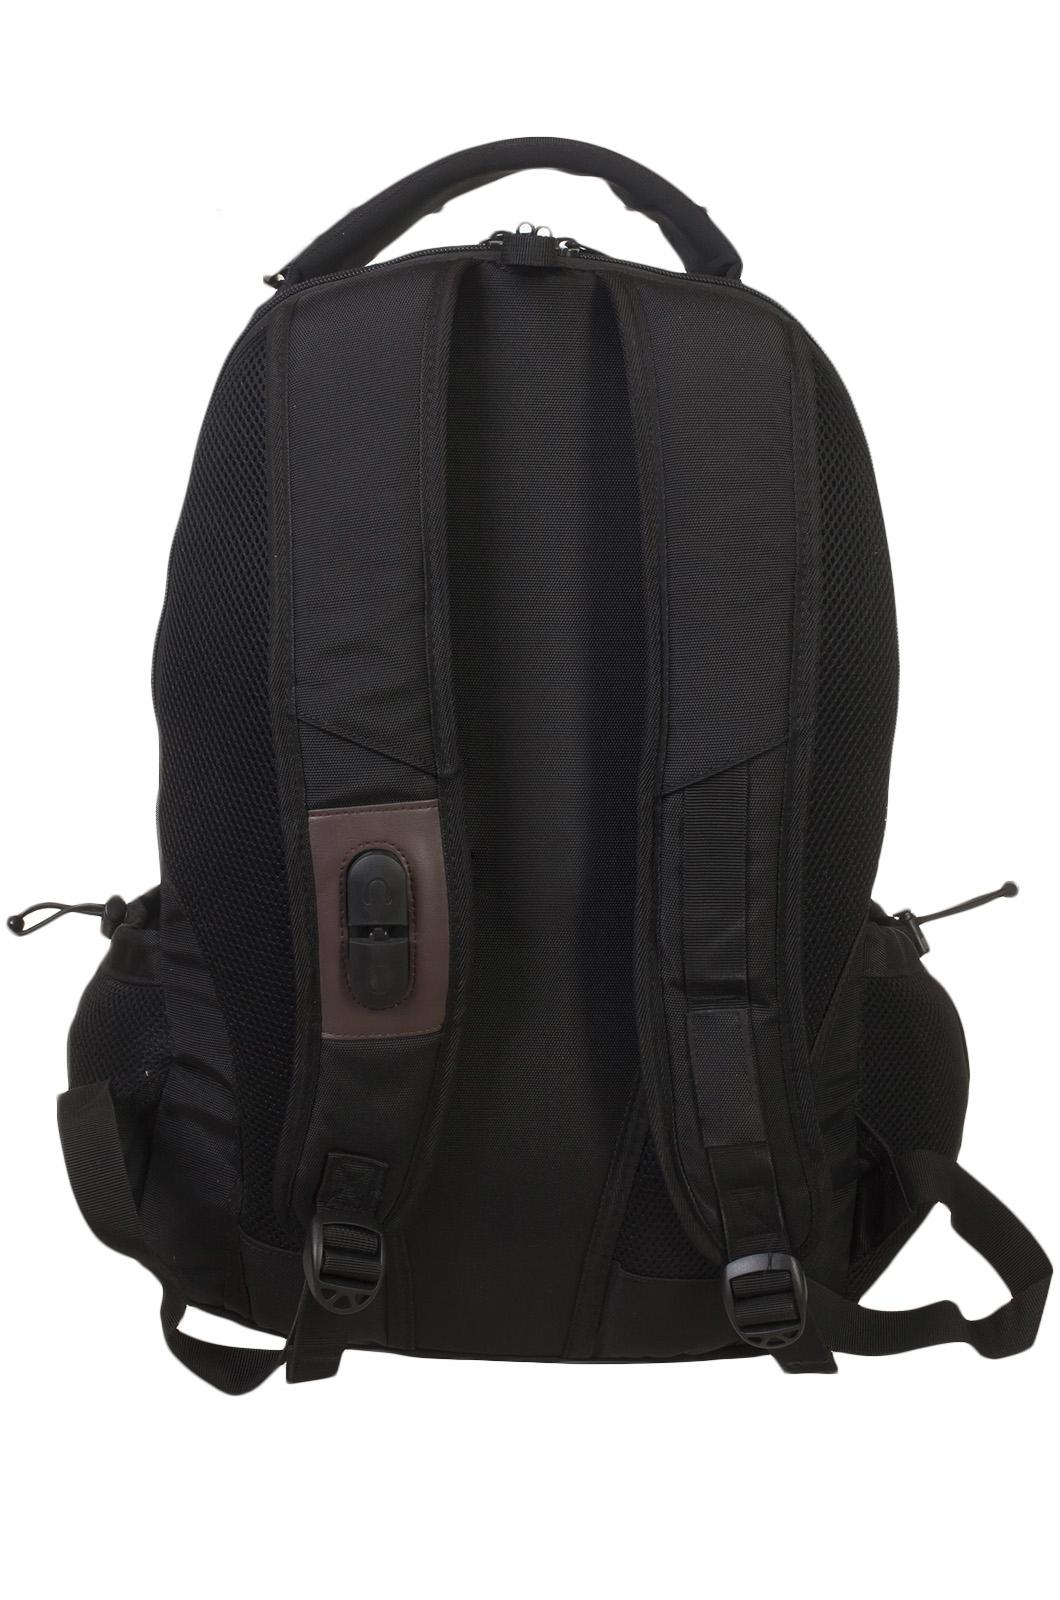 Походный универсальный рюкзак с нашивкой Флаг Бакланова - заказать онлайн